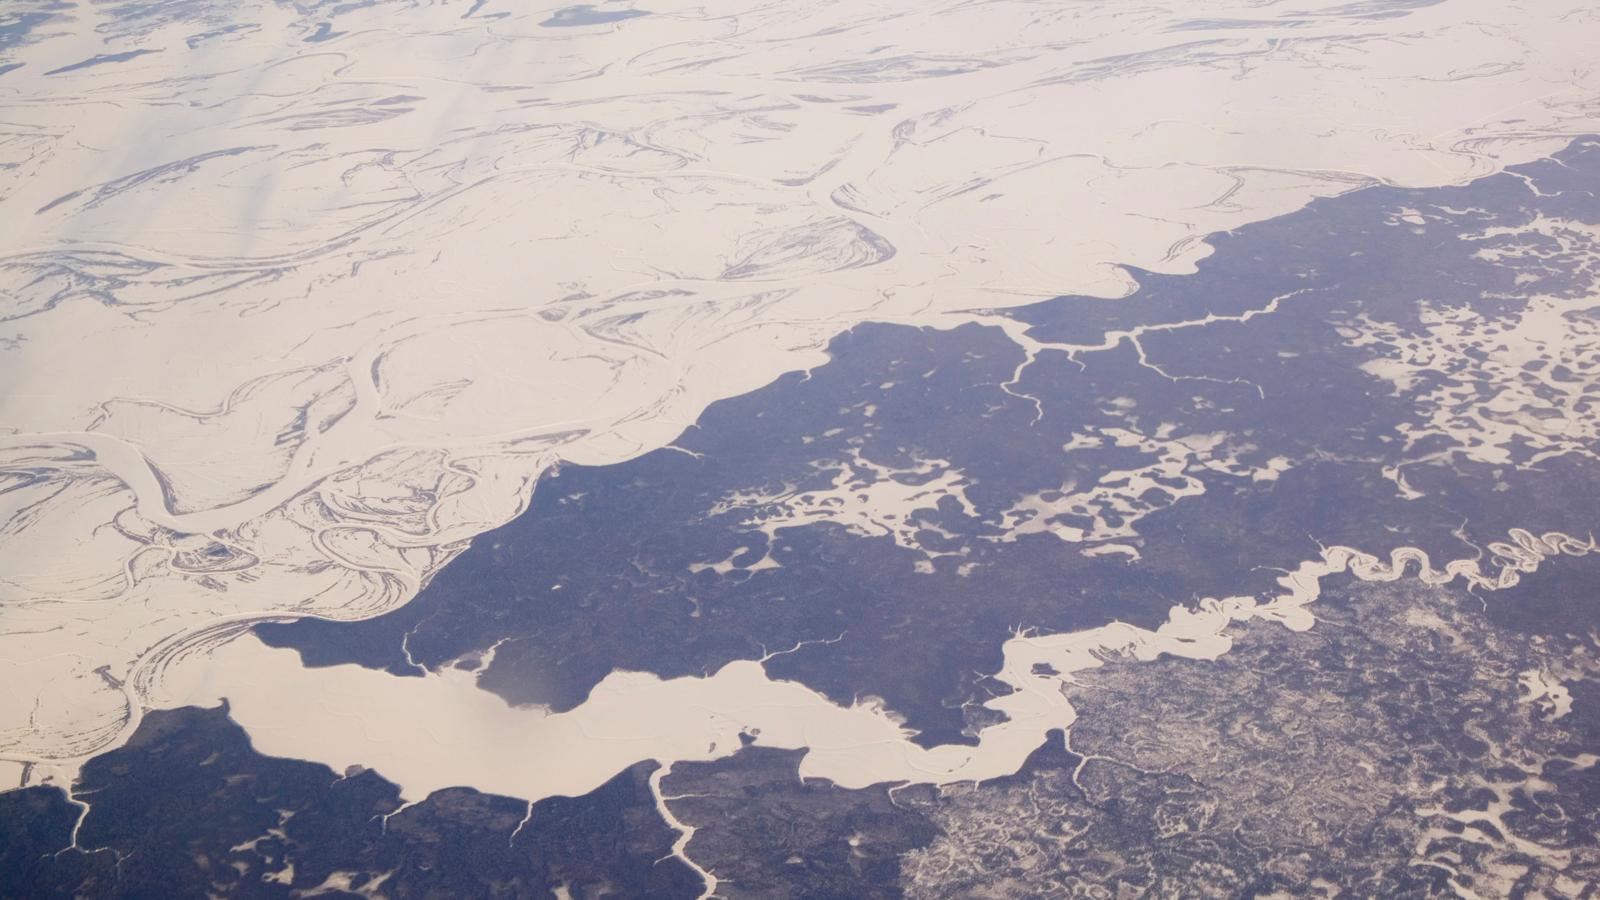 تصویری از توندرای یخی در قطب